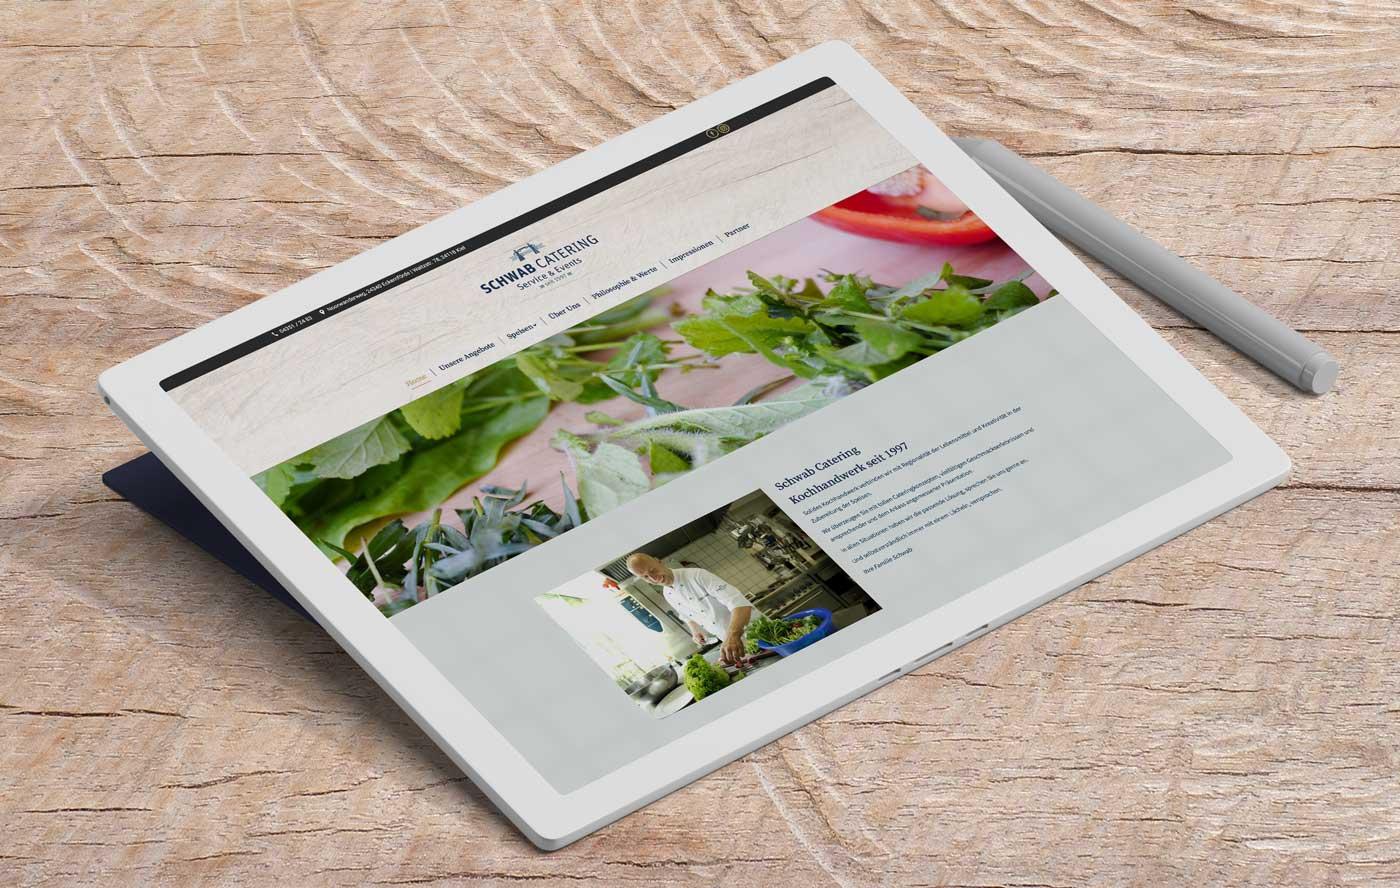 Schwab-Catering-Website-Tablet